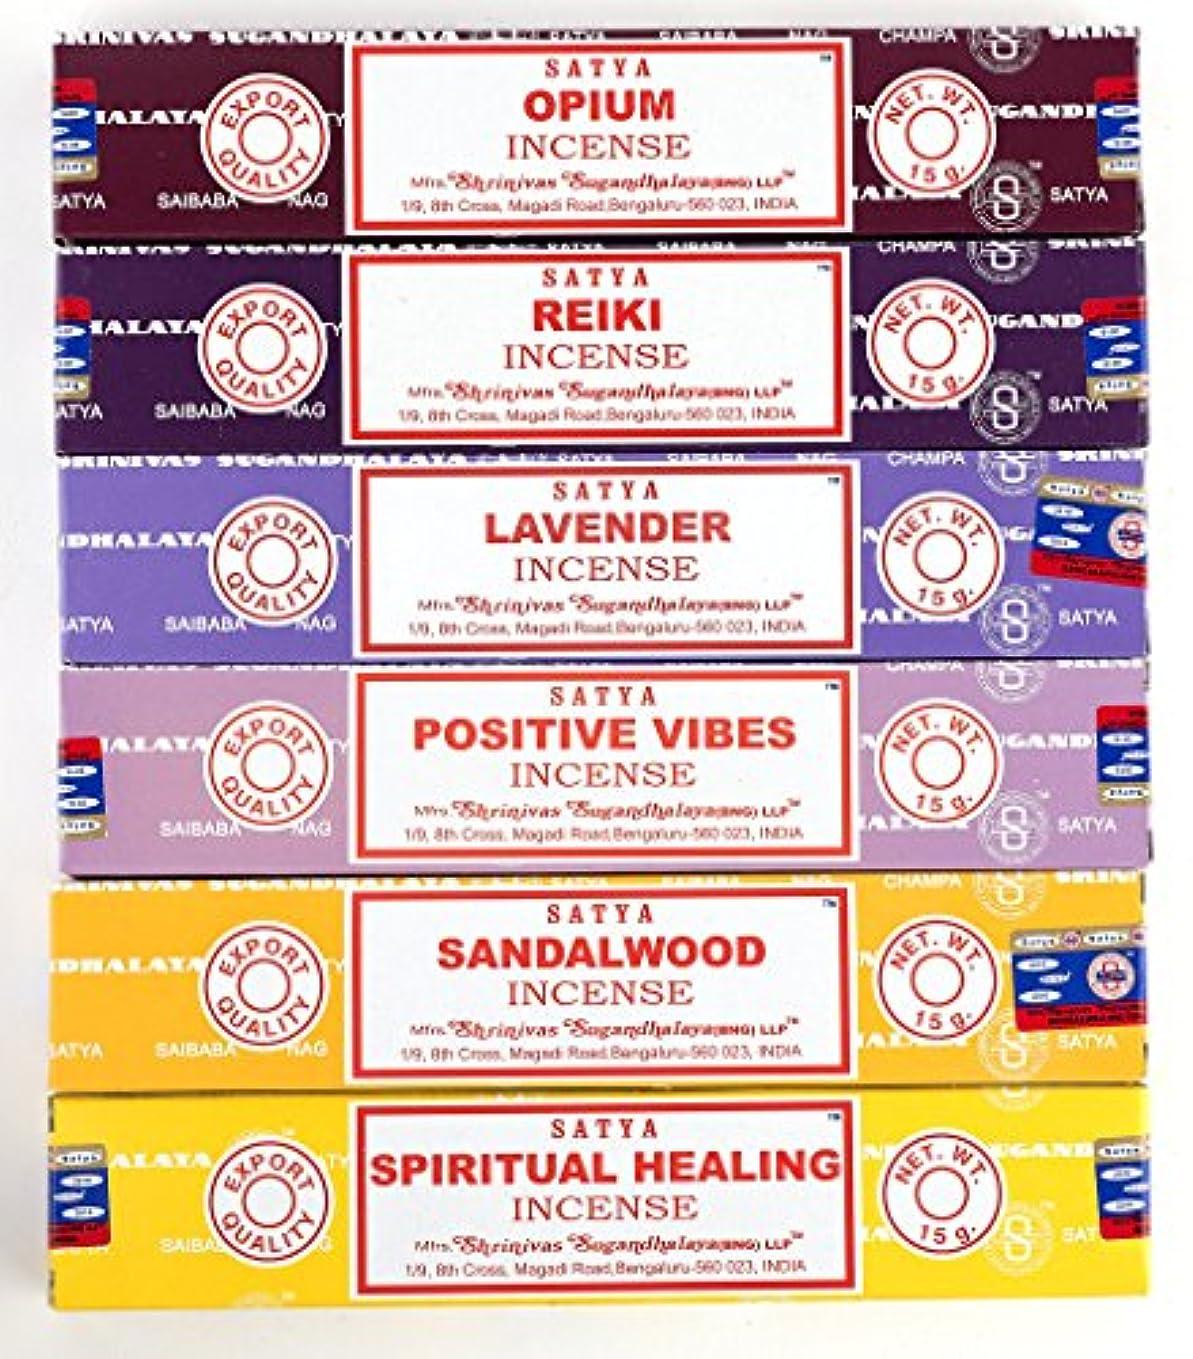 パーチナシティ概要のりNag Champa 6 Piece Variety Pack – Opium、レイキ、ラベンダー、Positive Vibes、サンダルウッド、Spiritual Healing